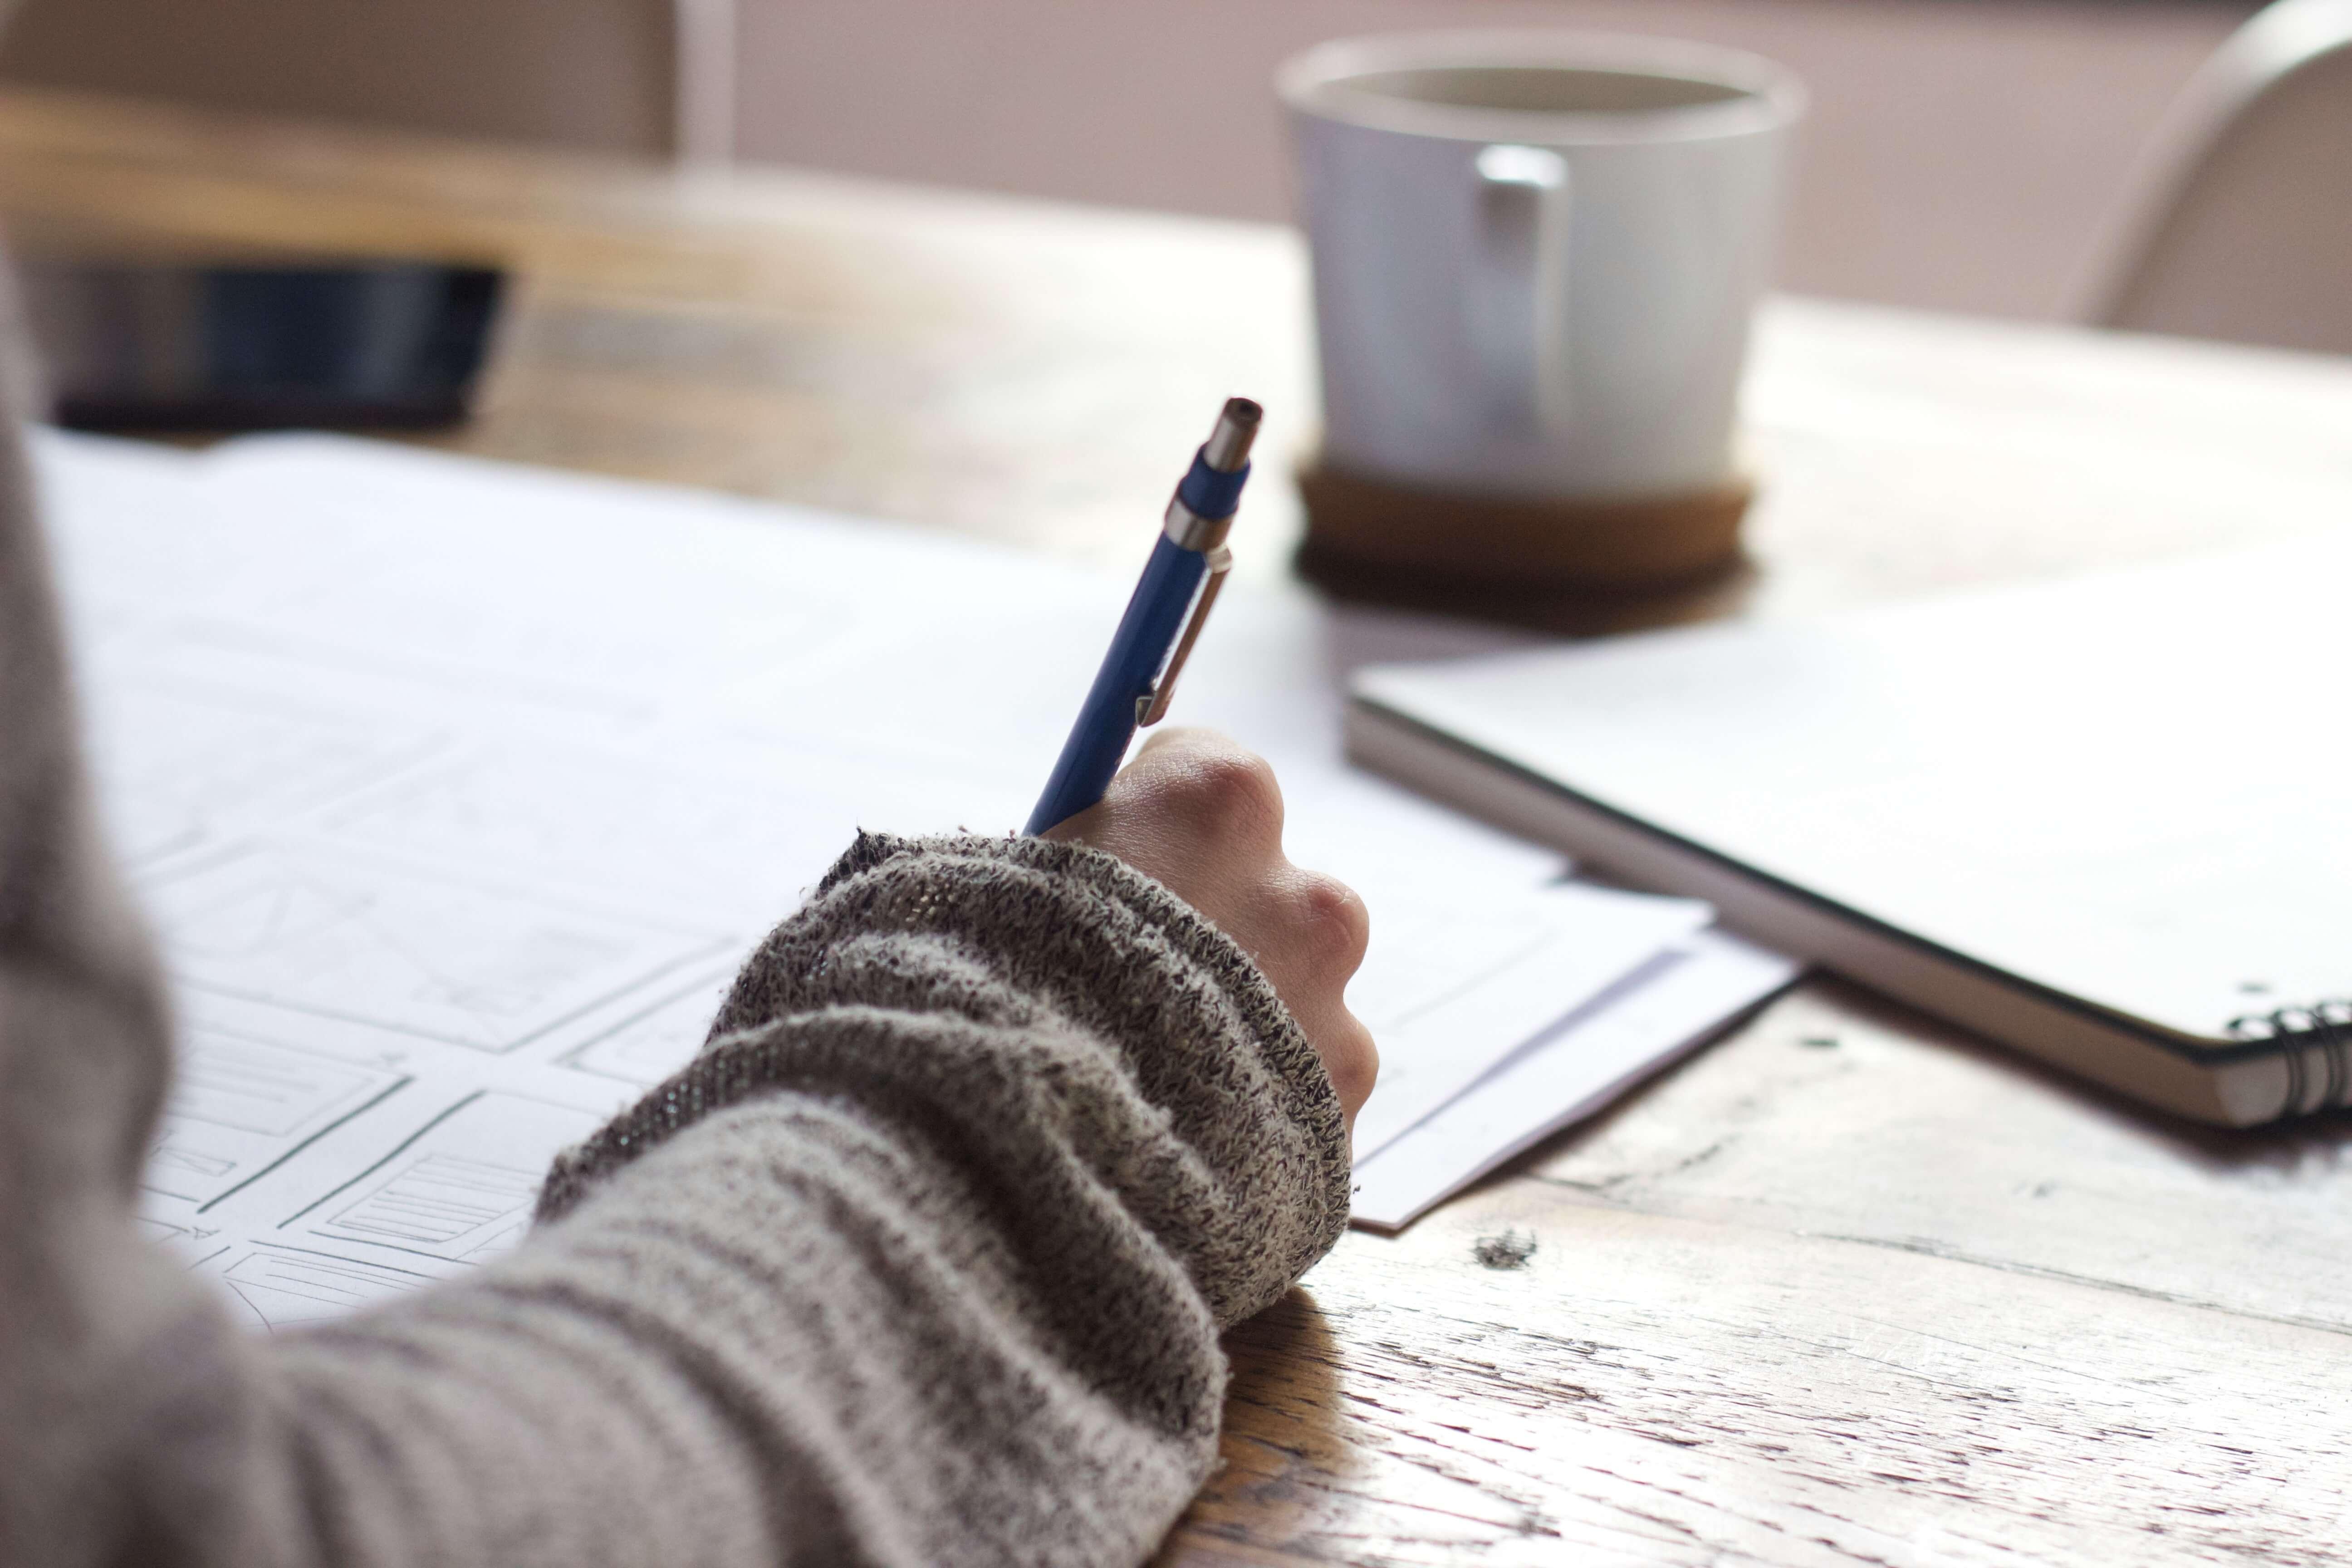 【受験対策】合格に繋げる効率的な勉強法とは?集中力を上げるアイテムも紹介